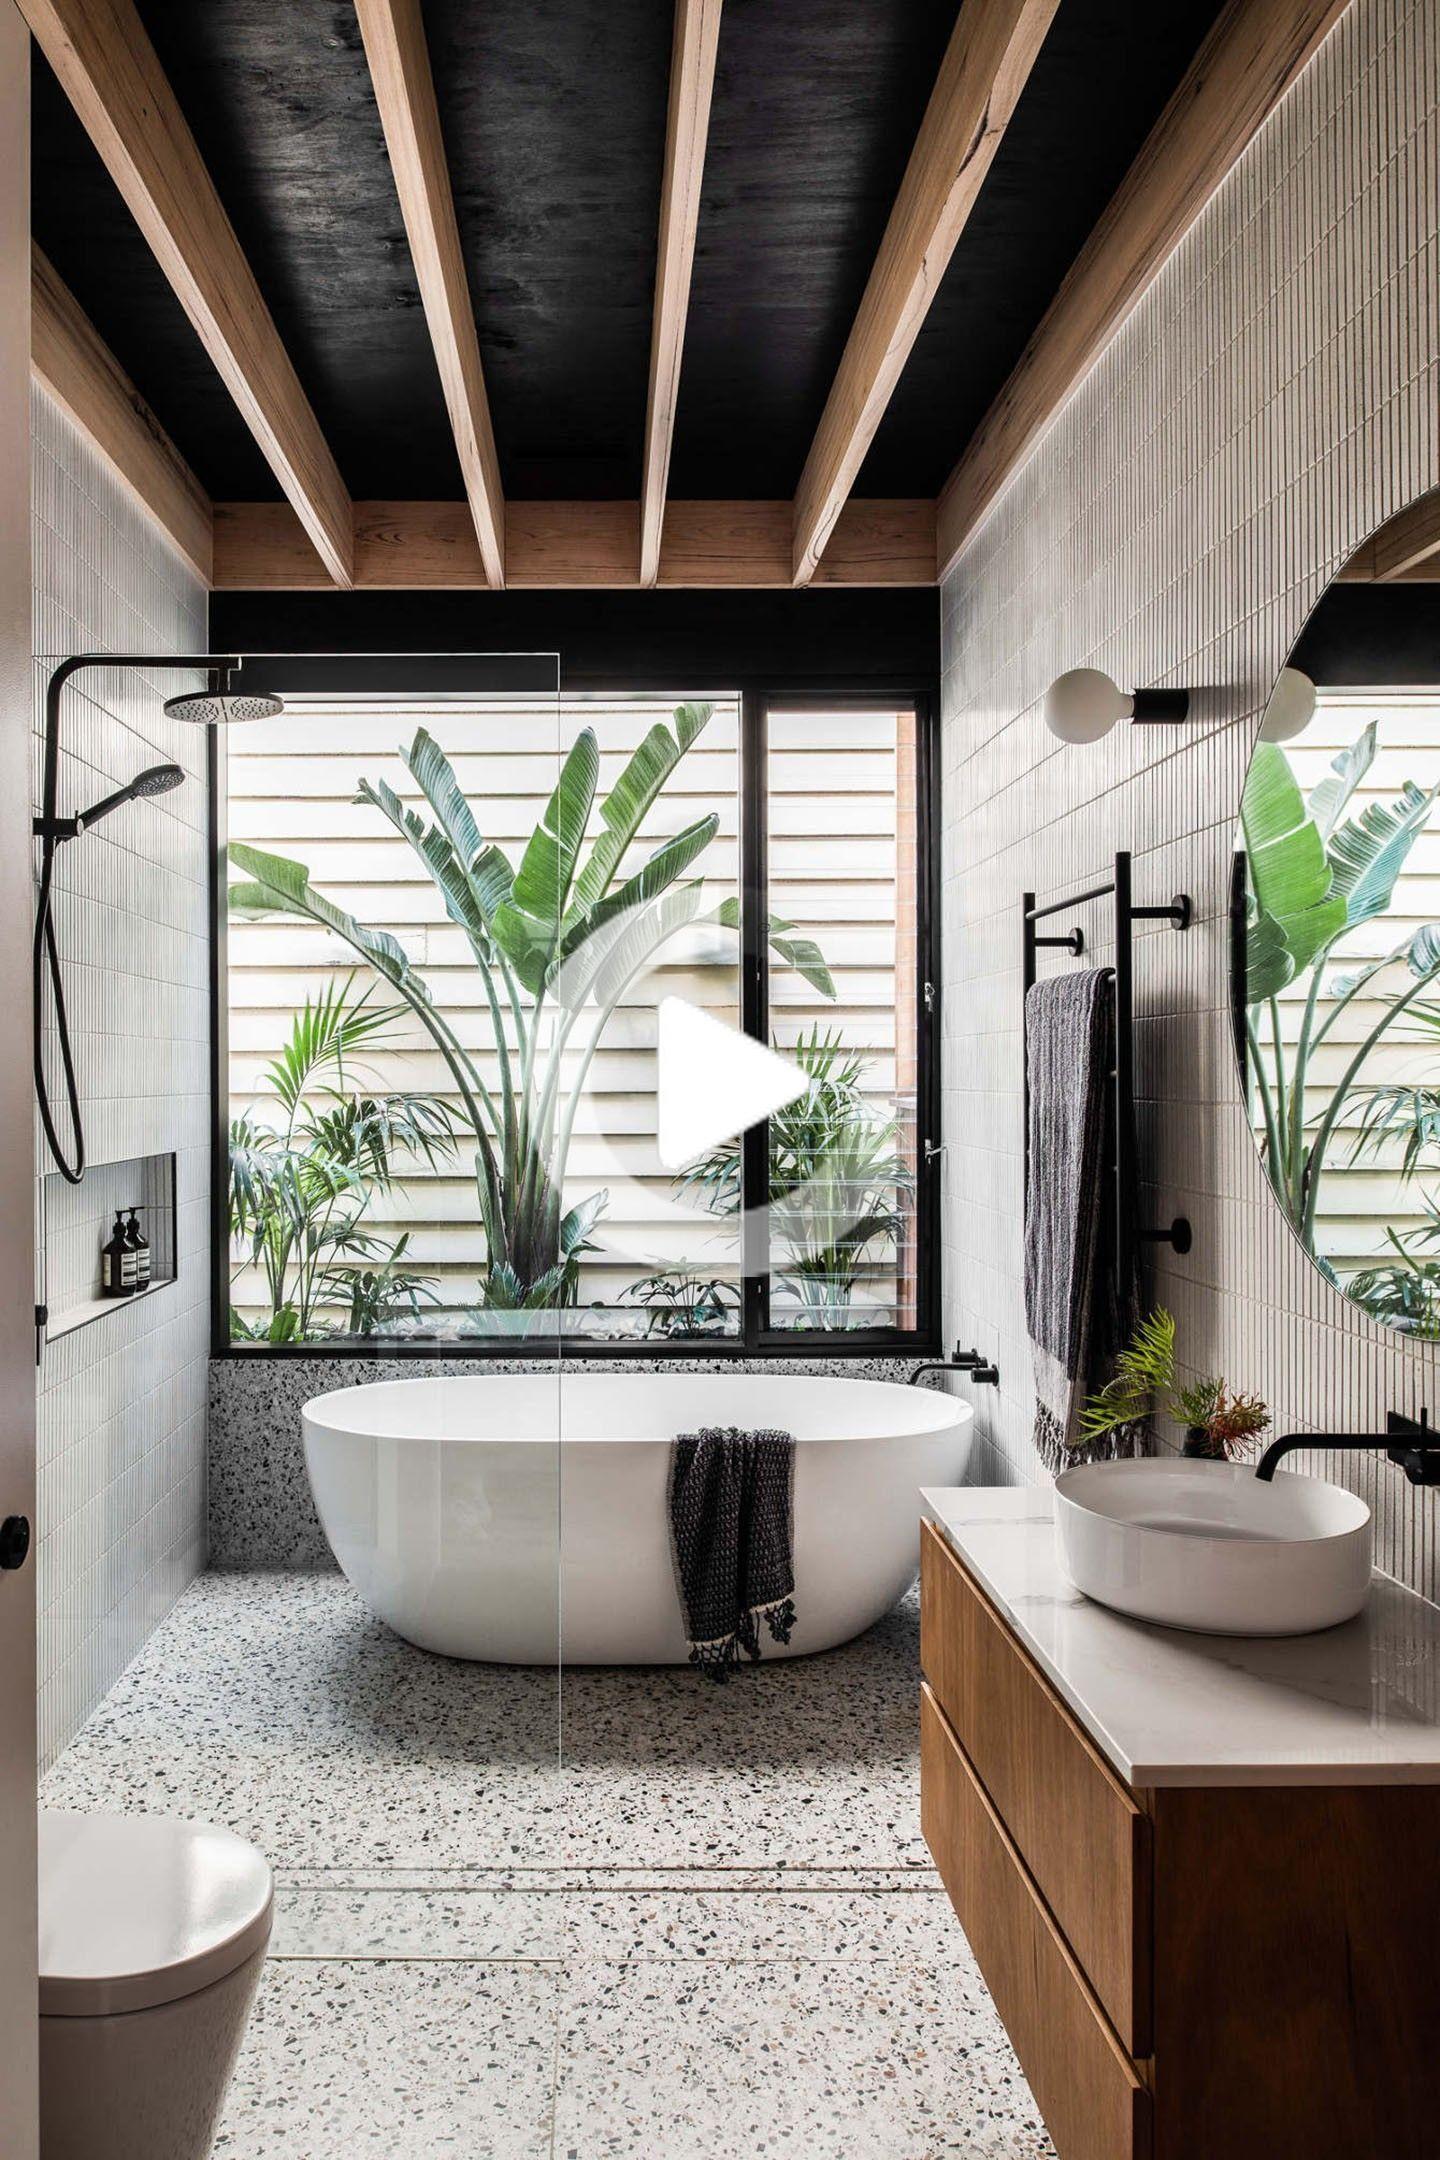 Dekor Des Tages Badezimmer Mit Granilit Schwarzer Decke Und Holz In 2020 Haus Innenarchitektur Badezimmer Innenausstattung Spa Dekorationen